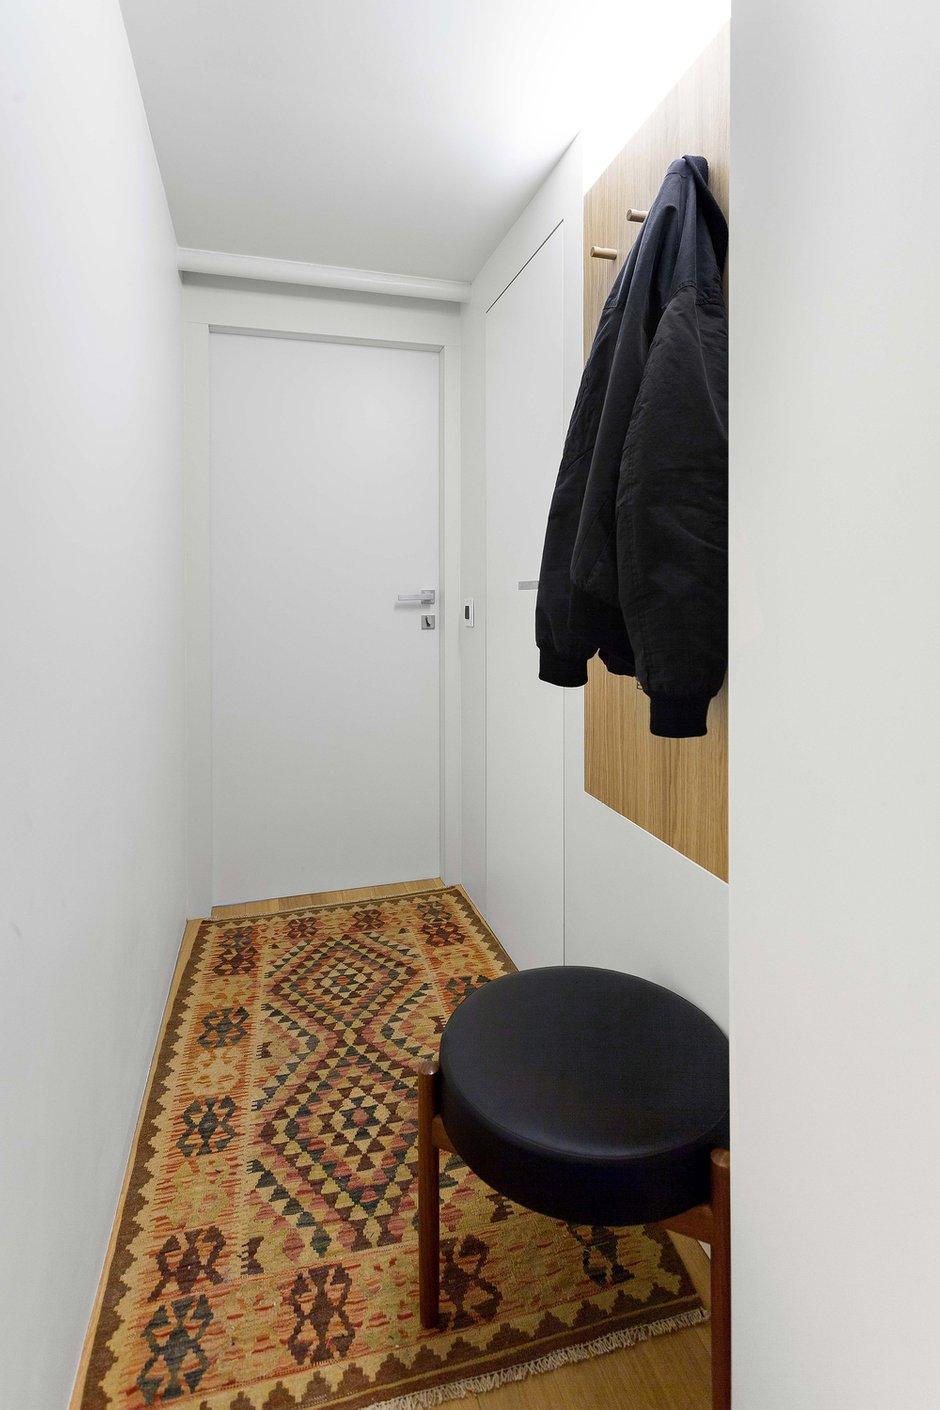 Фотография: Прихожая в стиле Минимализм, Малогабаритная квартира, Квартира, Студия, Проект недели, Москва, 1 комната, до 40 метров, Алиреза Немати, Полину Полудкина, STUDIO BAZI – фото на INMYROOM